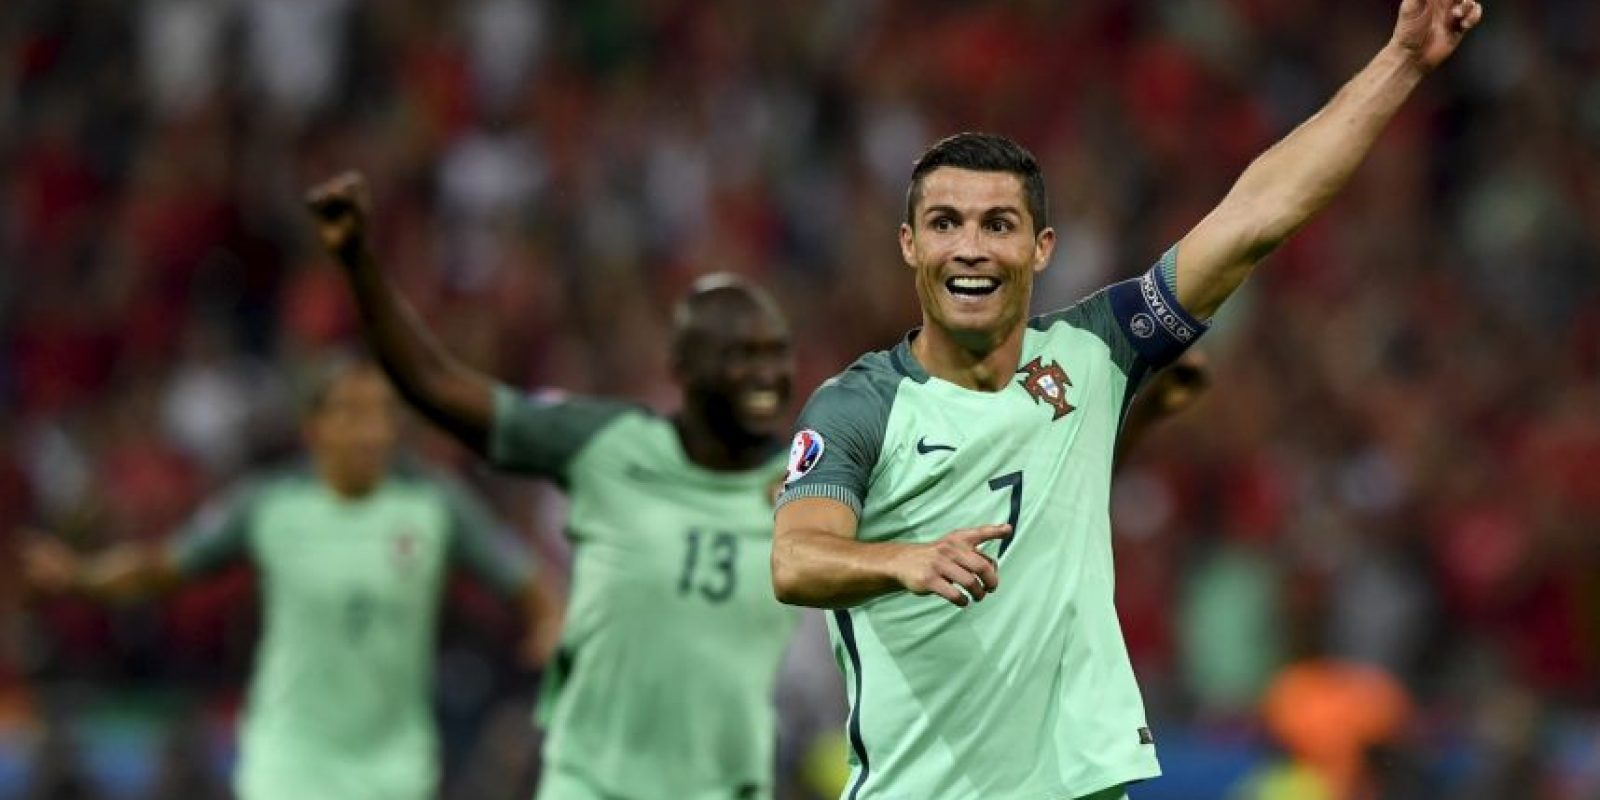 Cristiano Ronaldo alcanzó nueve goles en todas sus actuaciones en la Eurocopa y alcanzó a Michel Platini como máximo goleador histórico Foto:Getty Images